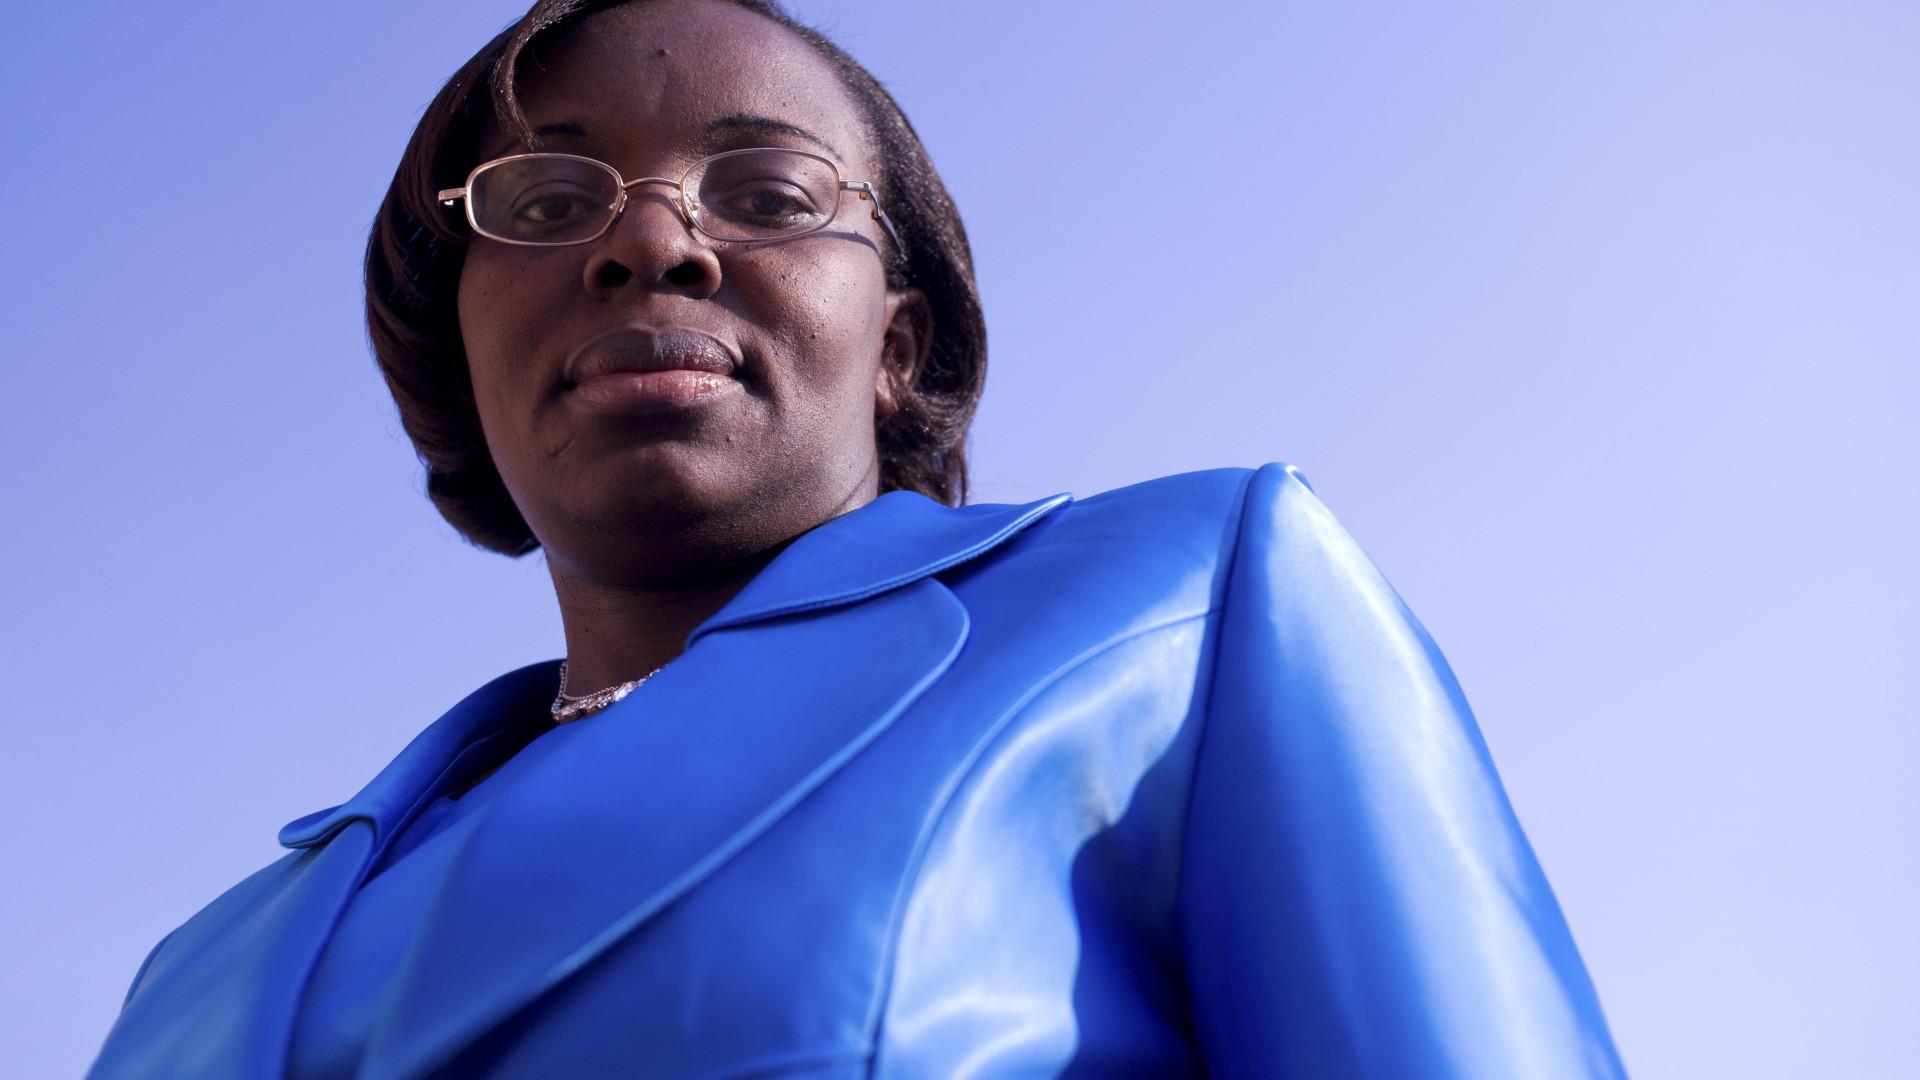 Libertada uma das principais dirigentes da oposição no Ruanda